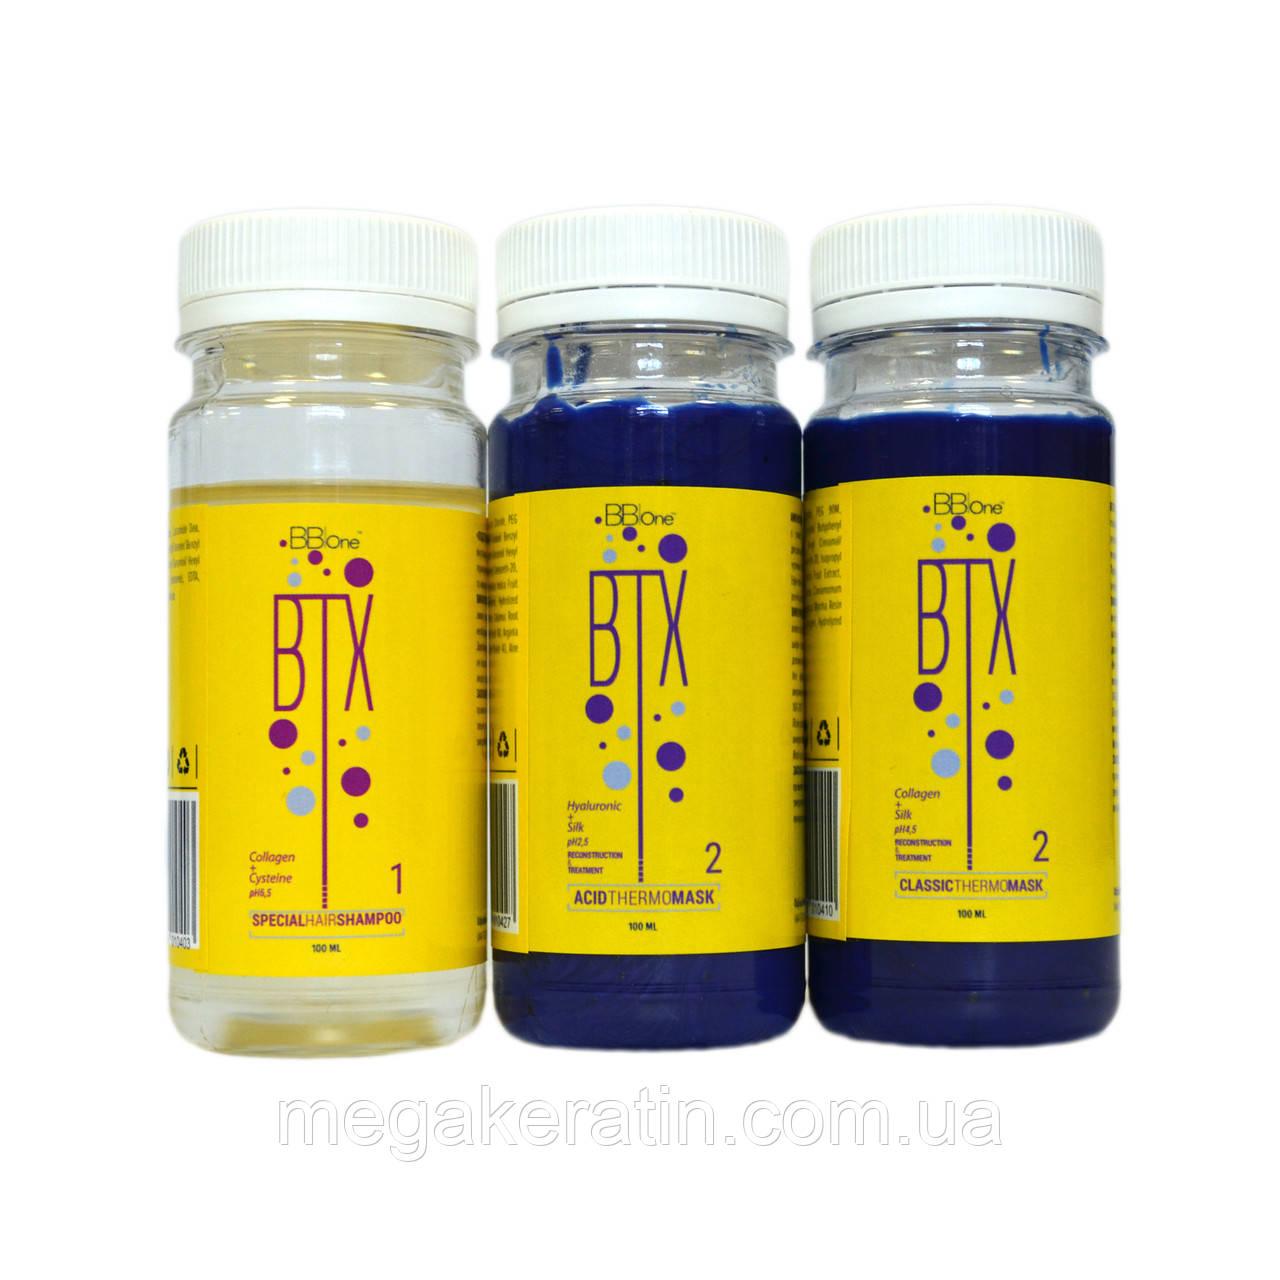 Набор Ботокс для волос (классический + аминокислотный) BTX CLASSIC+ BTX ACID 3*100 мл. BBone